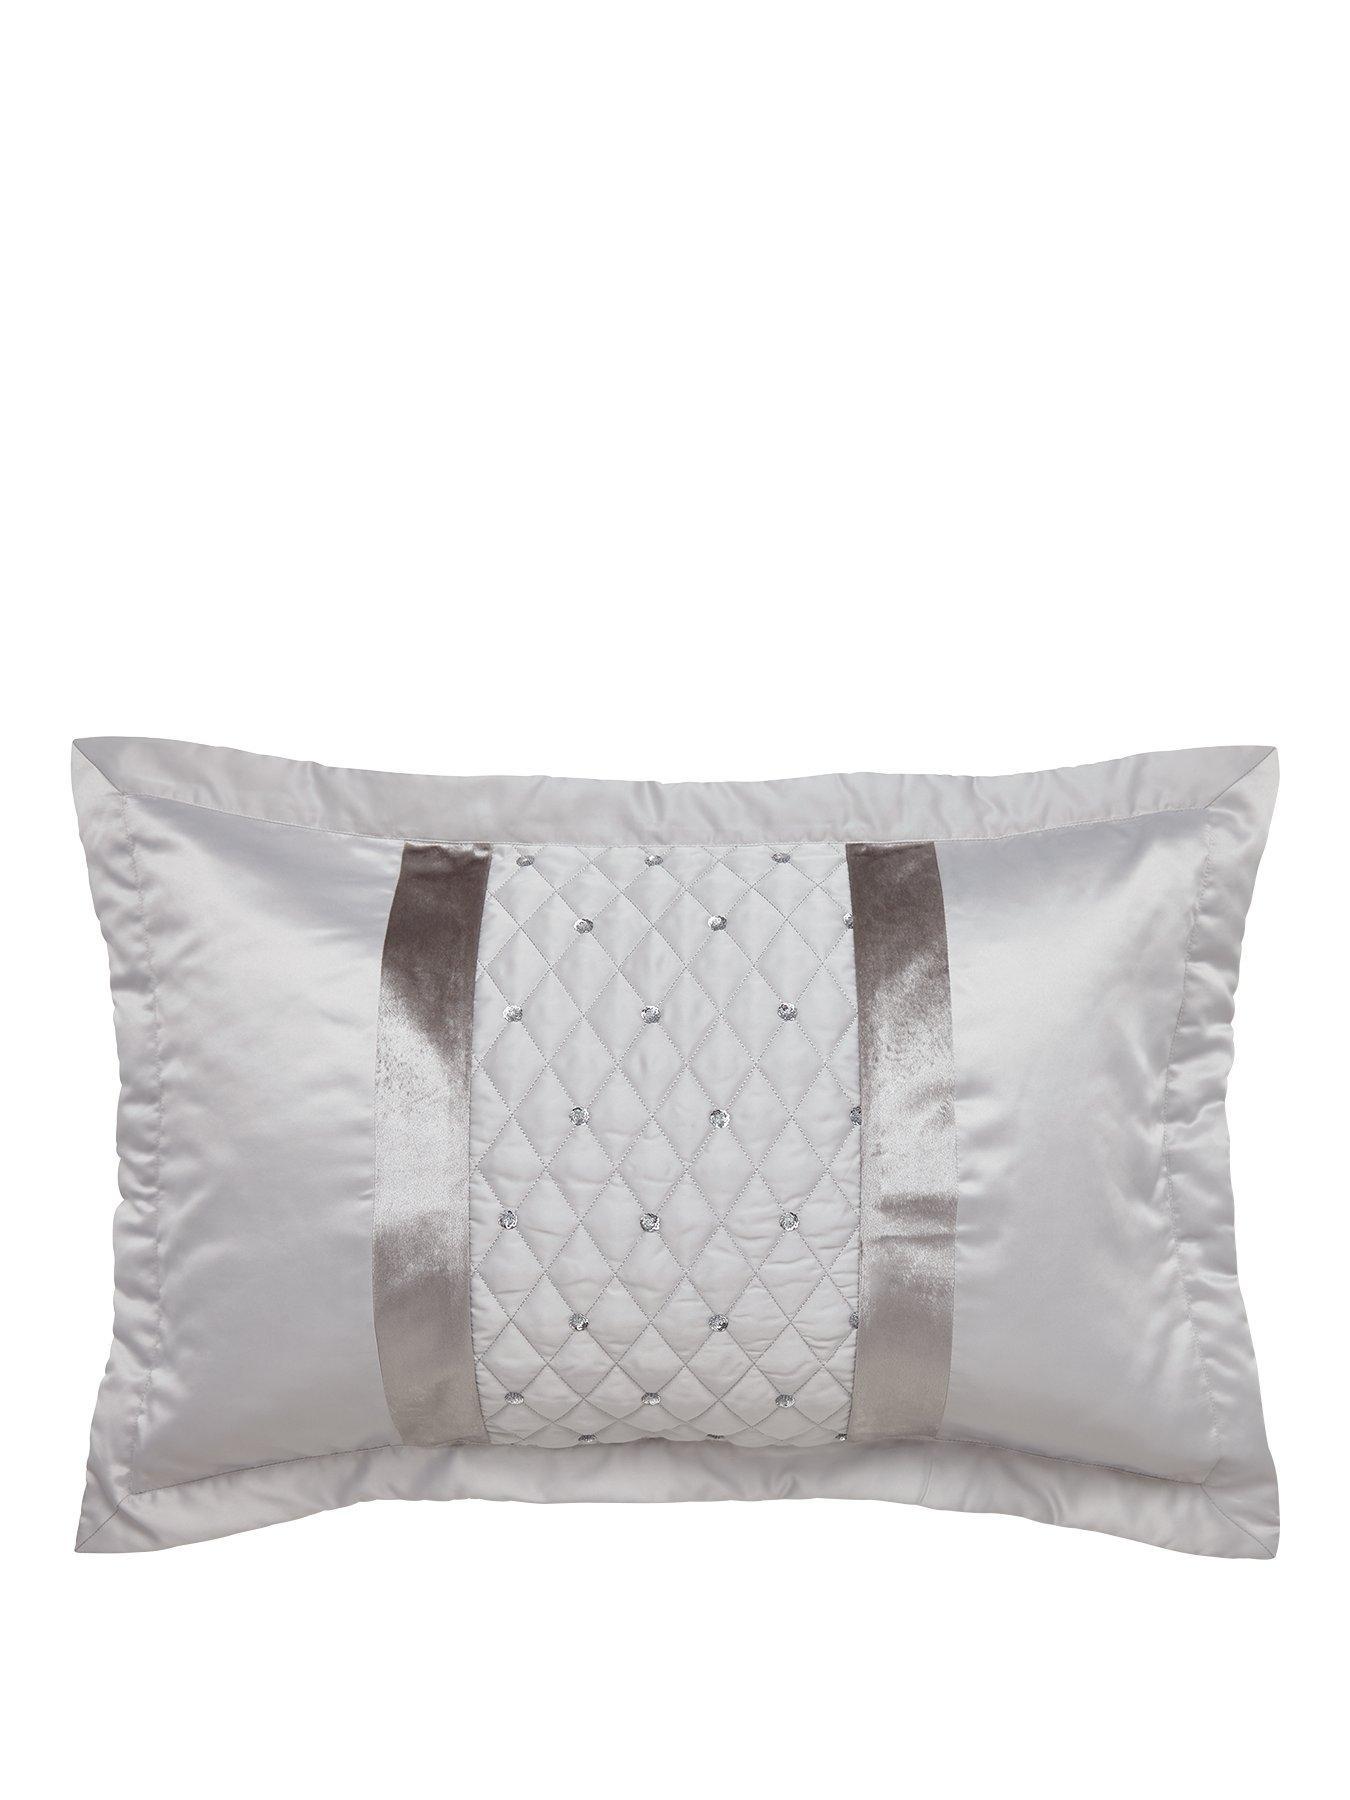 silver pillow cases bedding home